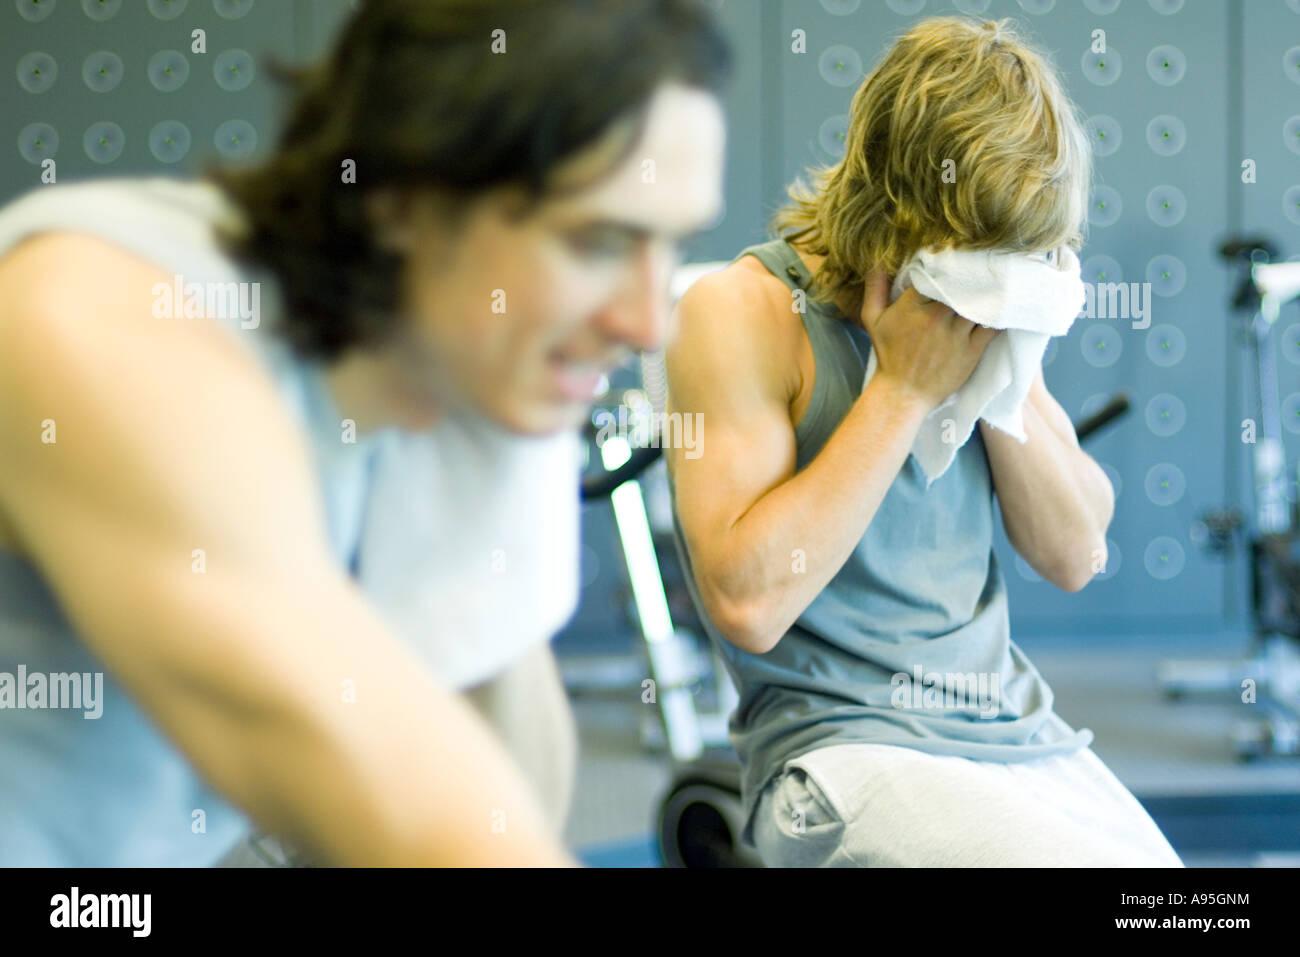 Dos hombres que viajaban en bicicletas de ejercicio, una cara de barrido Imagen De Stock